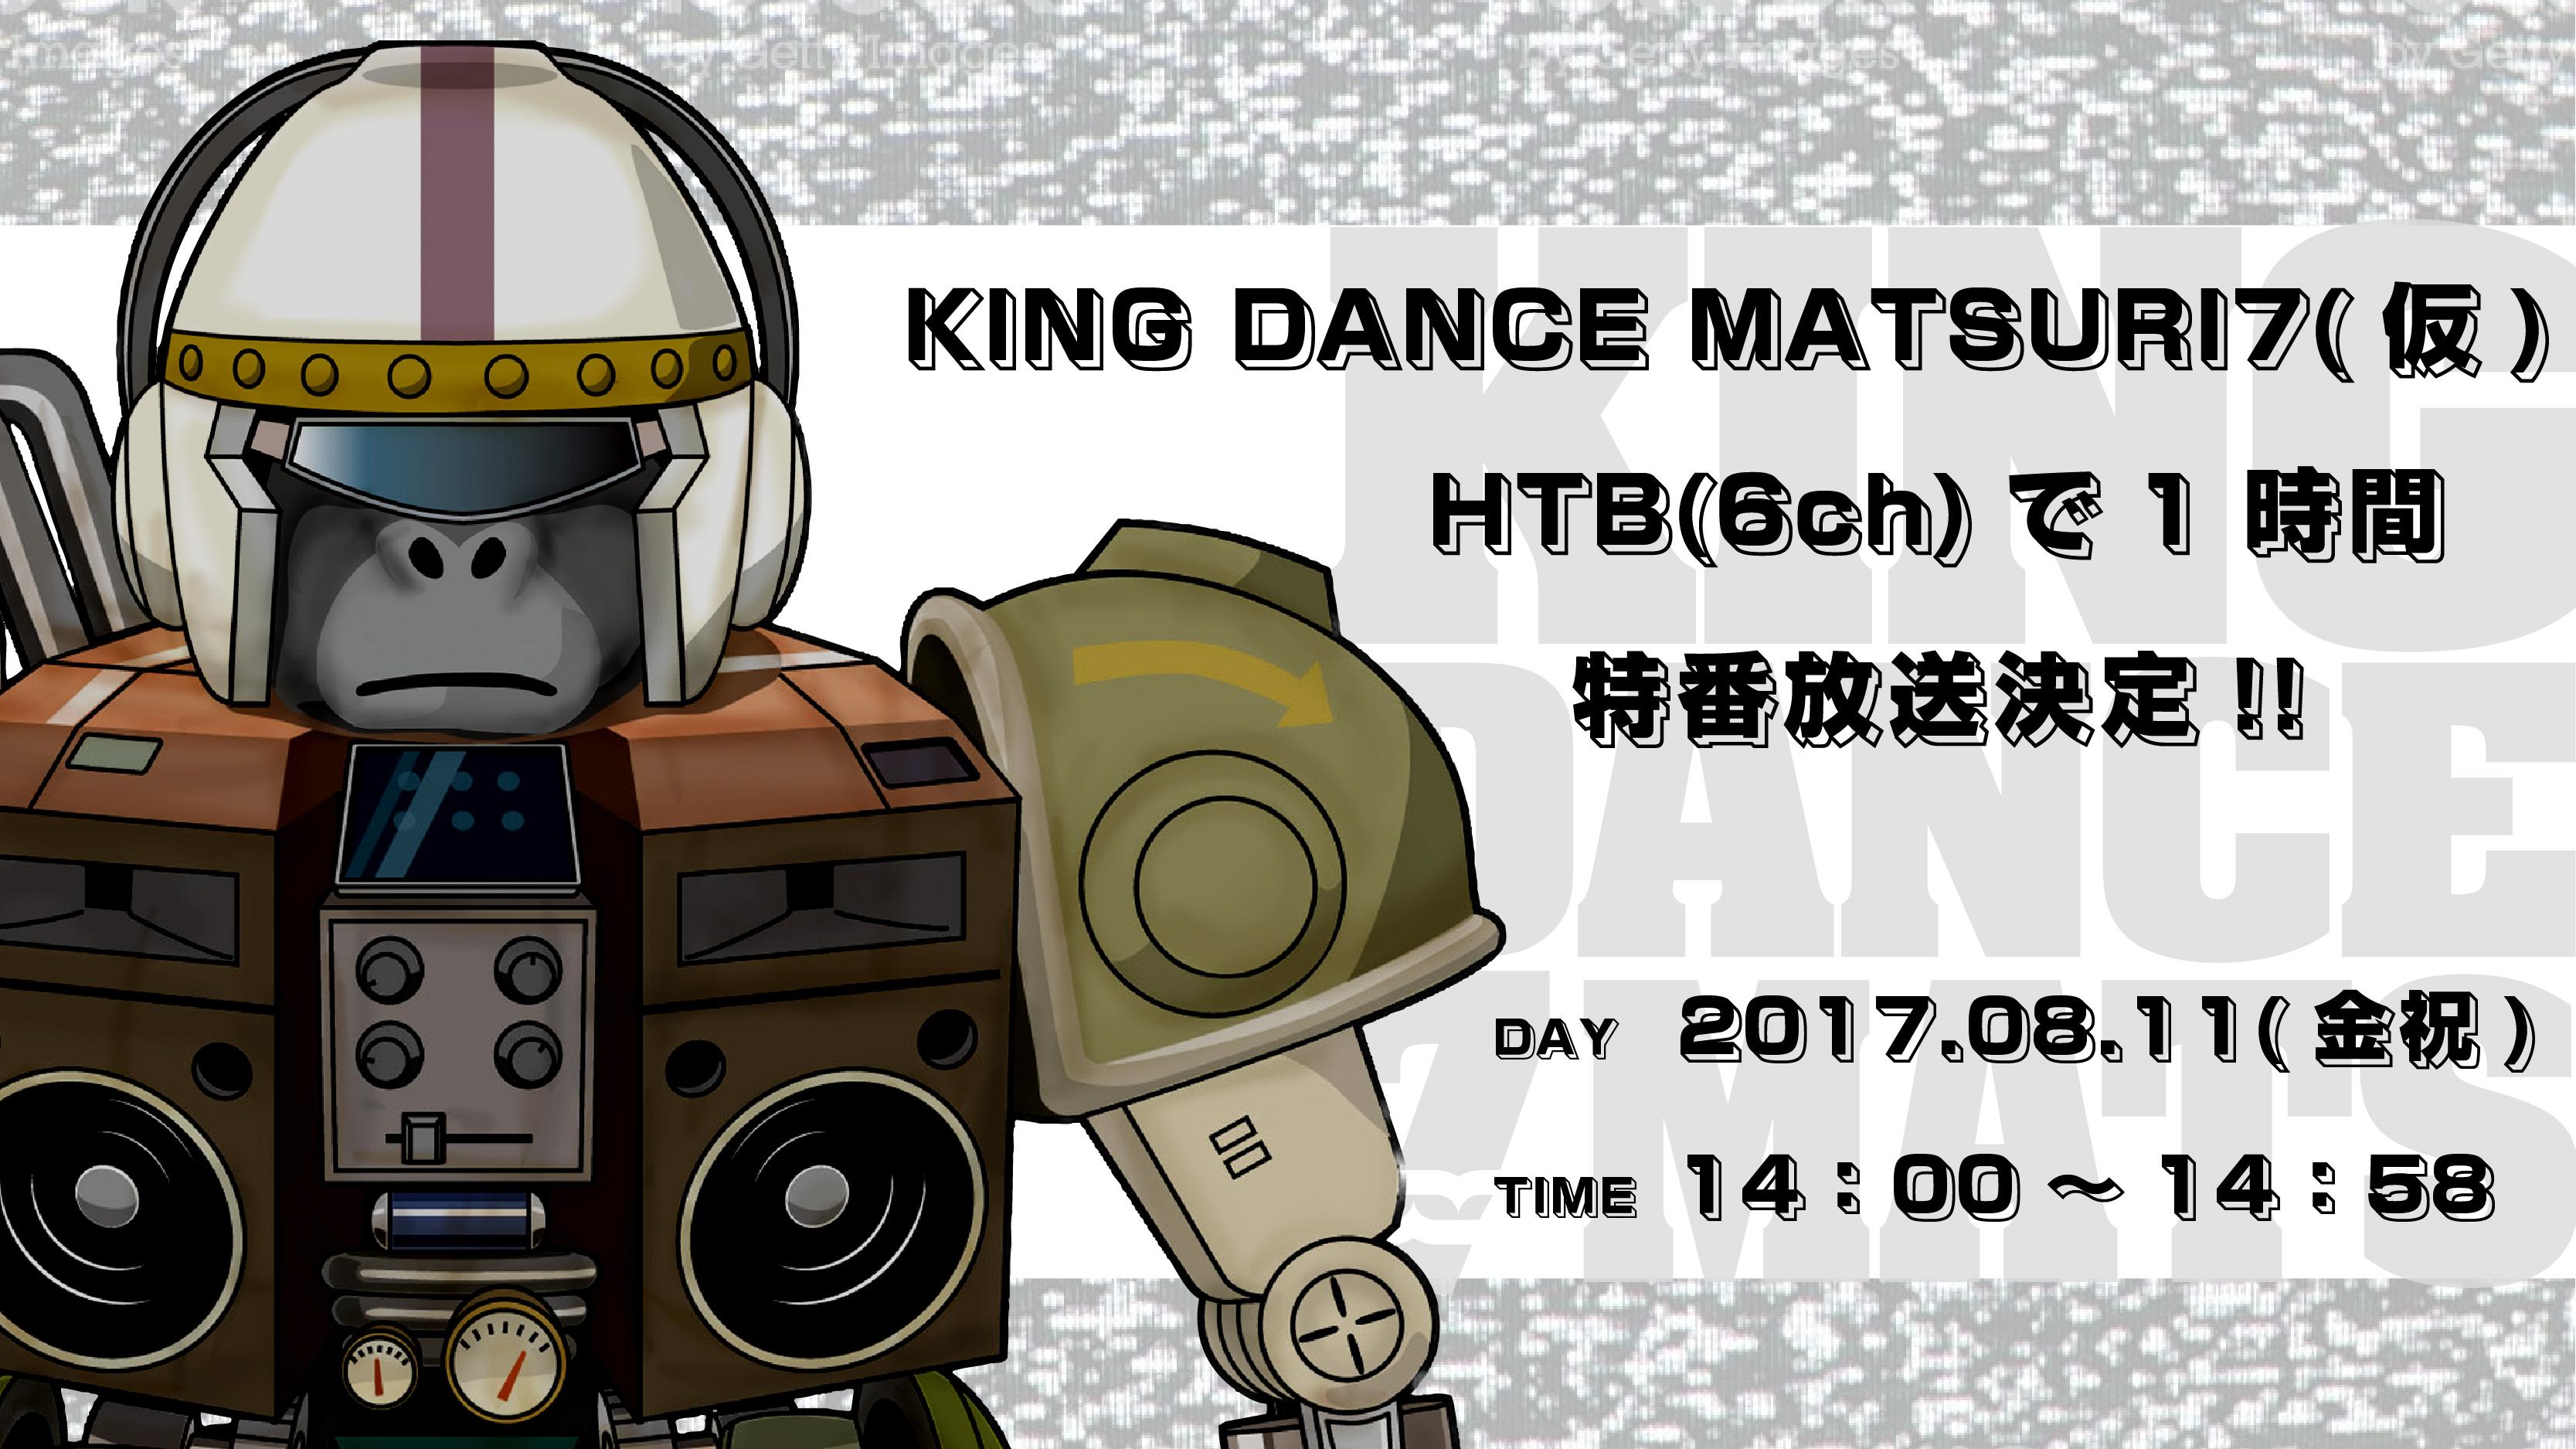 【8/11(金祝)14:00~】KDM7の1時間特番がHTB(6ch)で今年も放送決定!!